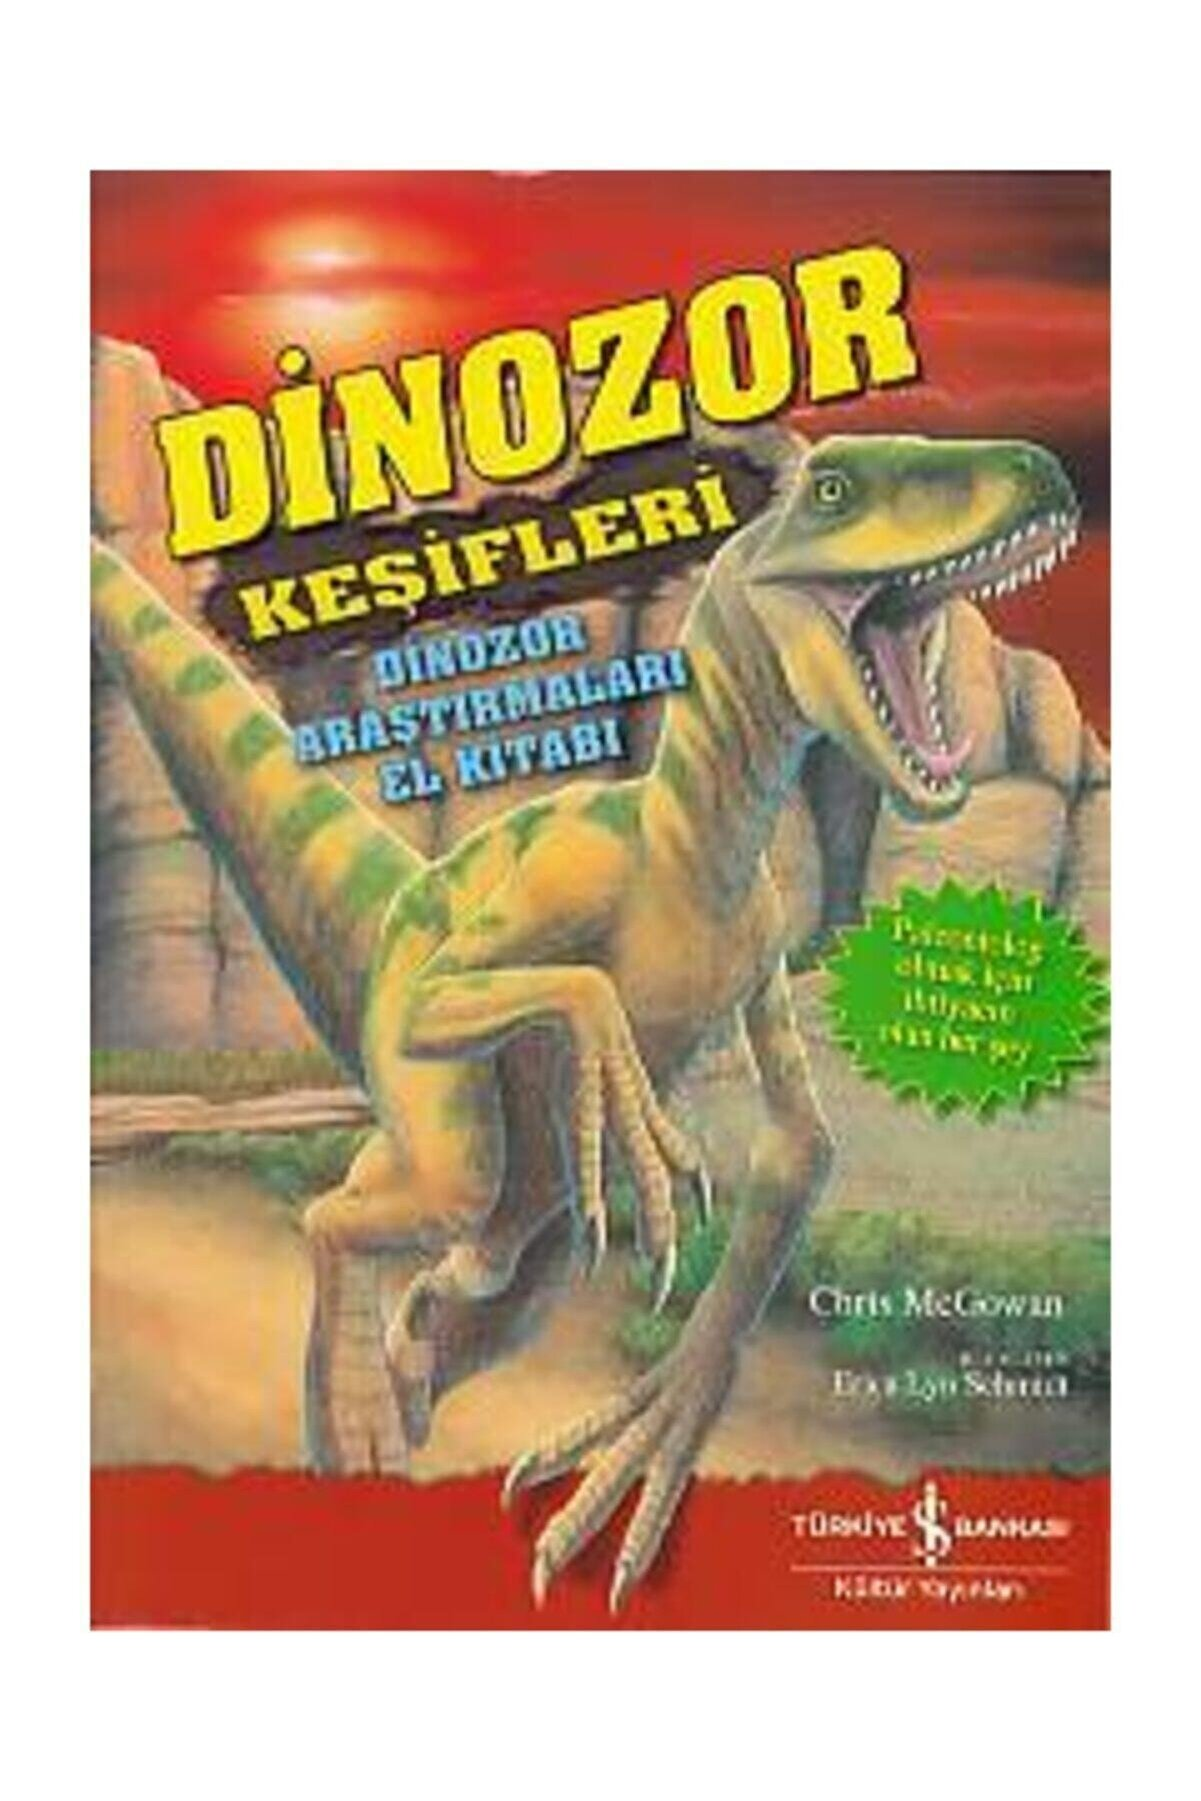 İş Bankası Kültür Yayınları Dinozor Keşifleri-Dinozor Araştırmaları El Kitabı - Chris Mcgowan